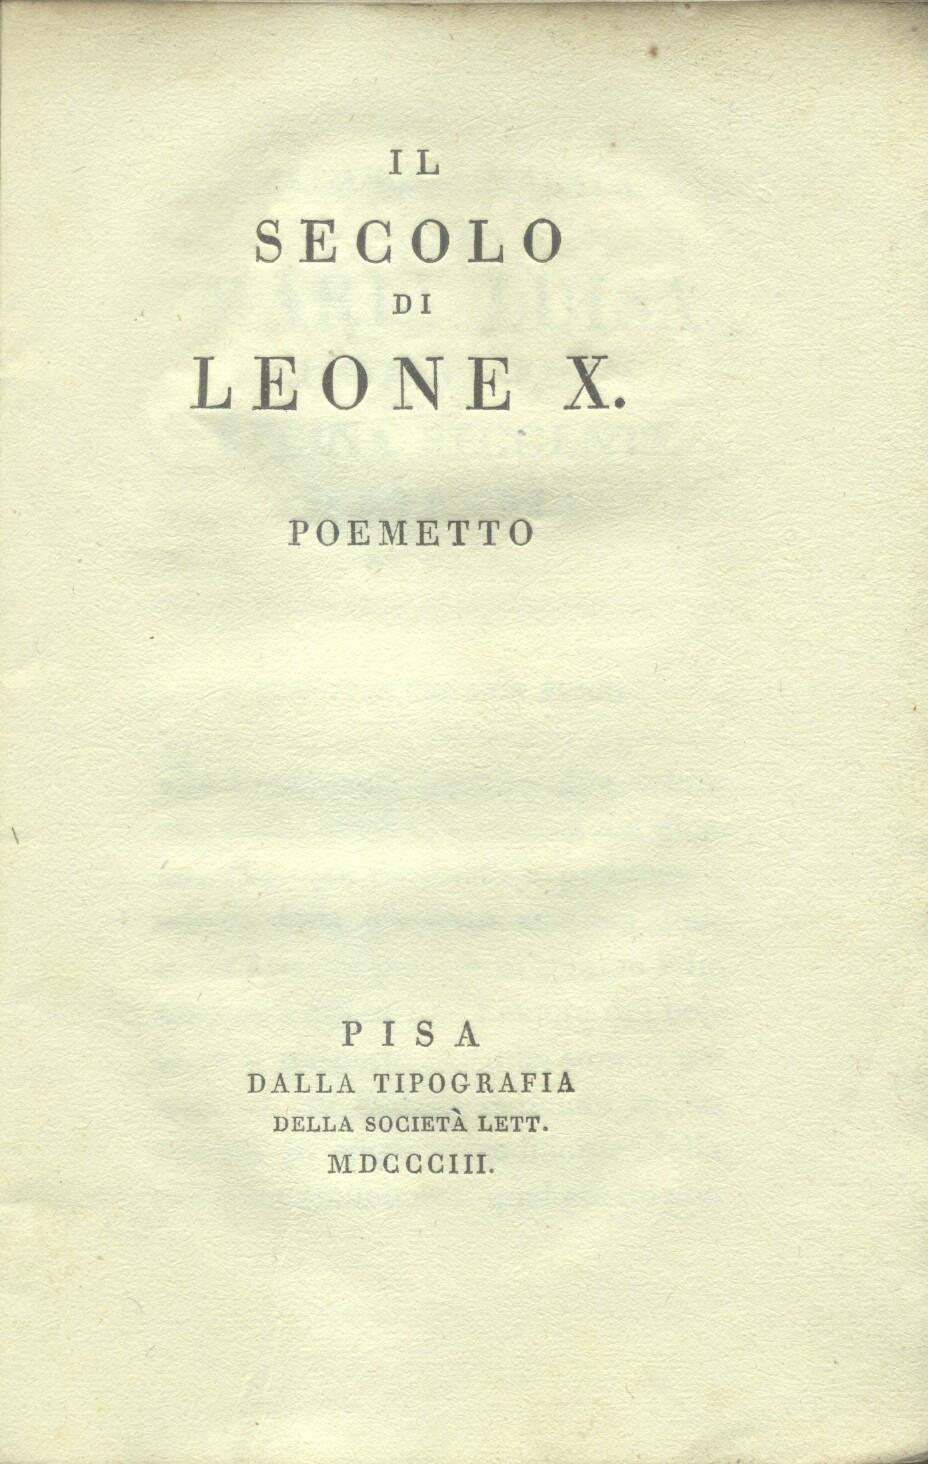 Giovanni Leone Erstausgabe Zvab